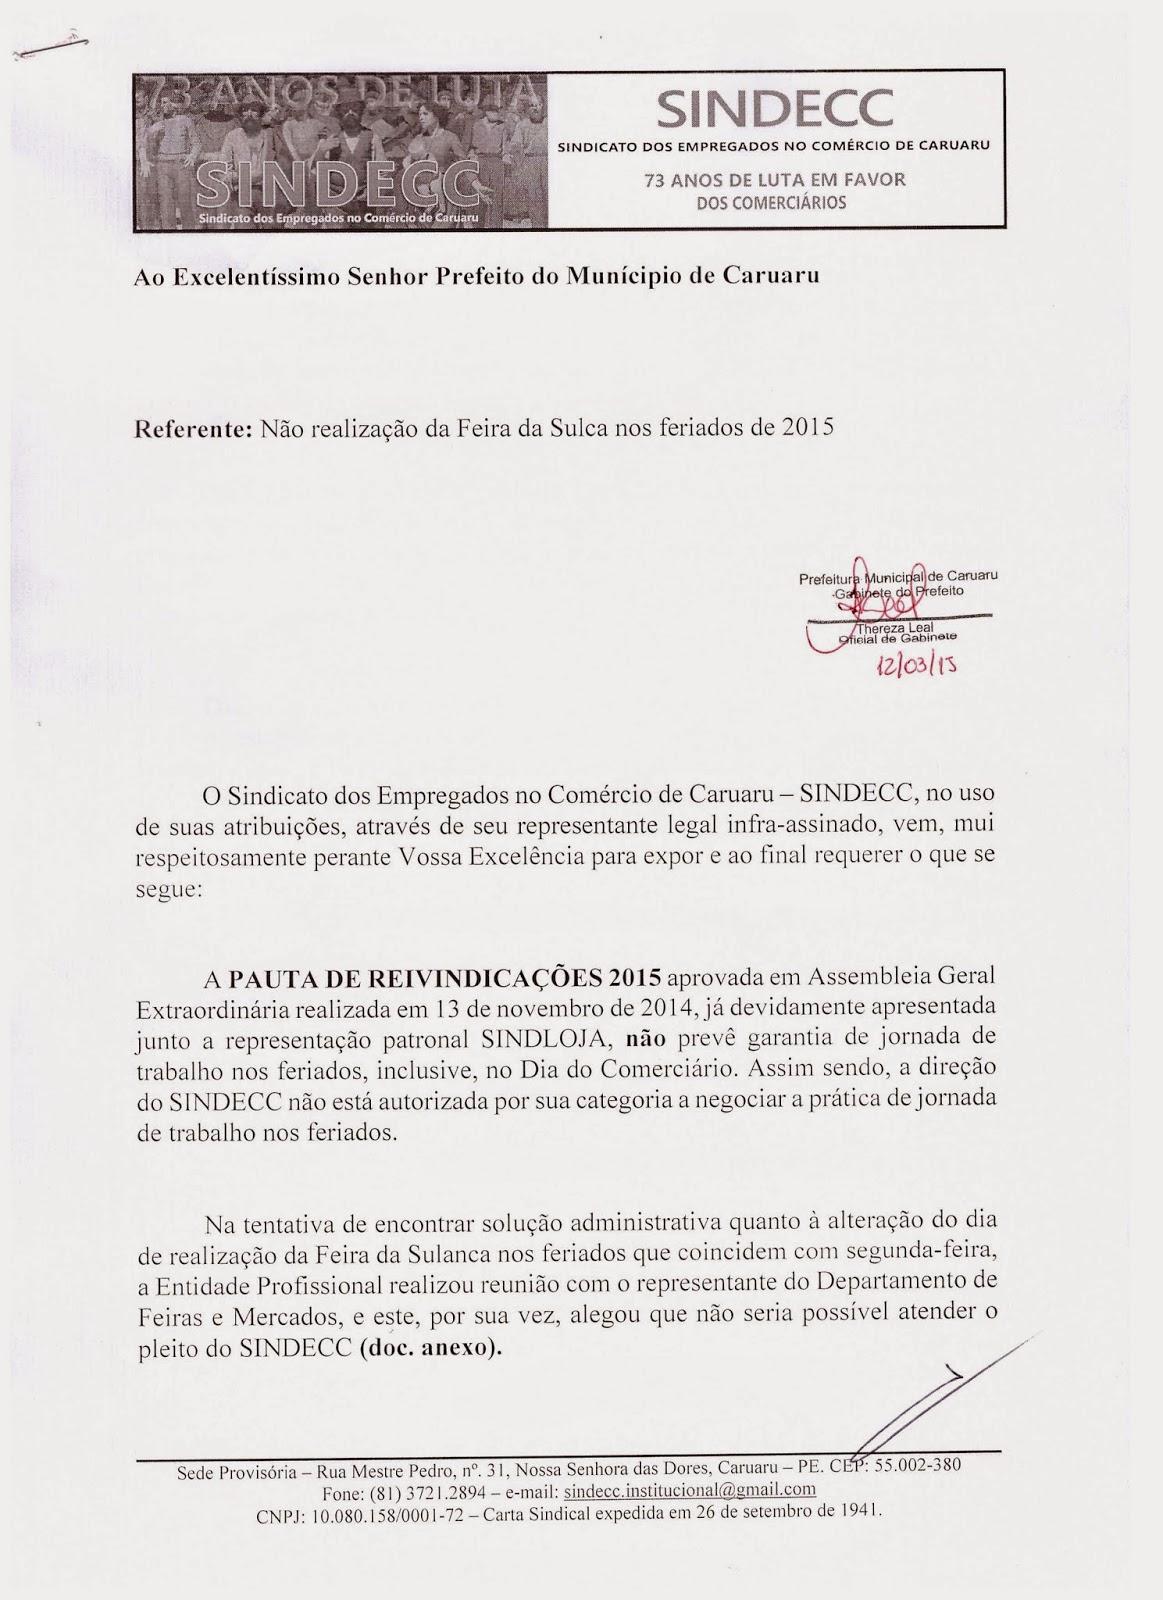 ADIAMENTO DA REUNIÃO DE AMANHÃ, DIA 19.